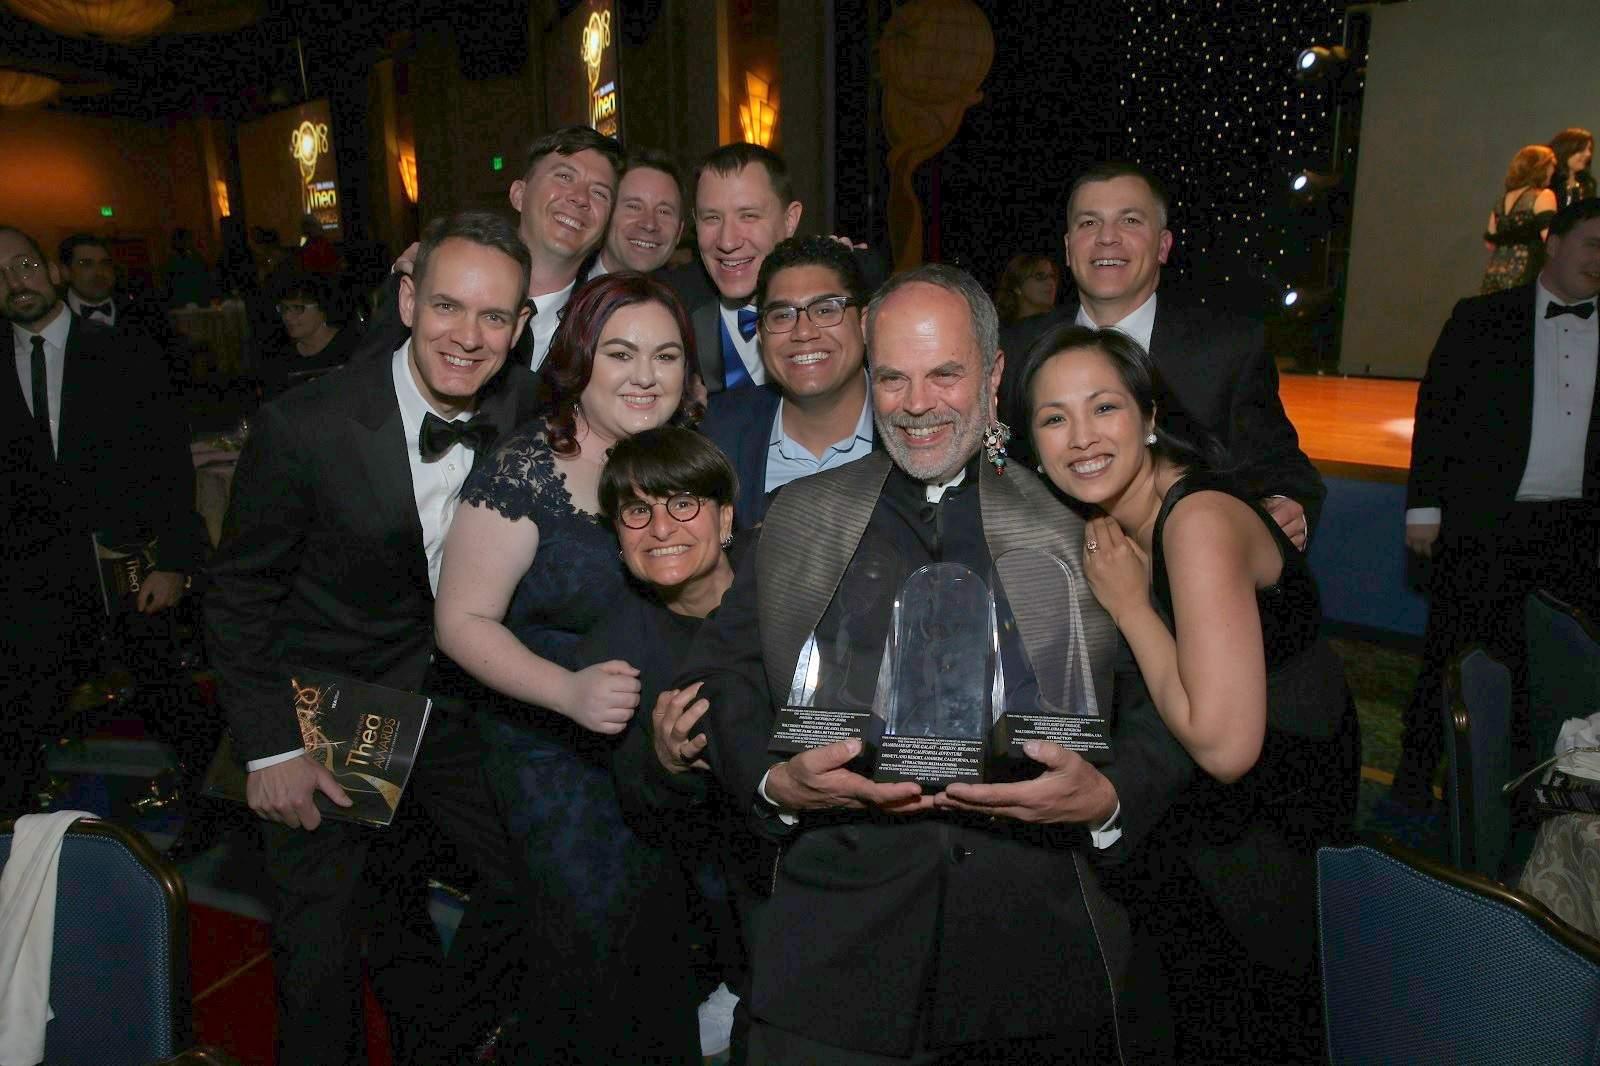 Joe Rohde and WDI receive TEA Thea Awards